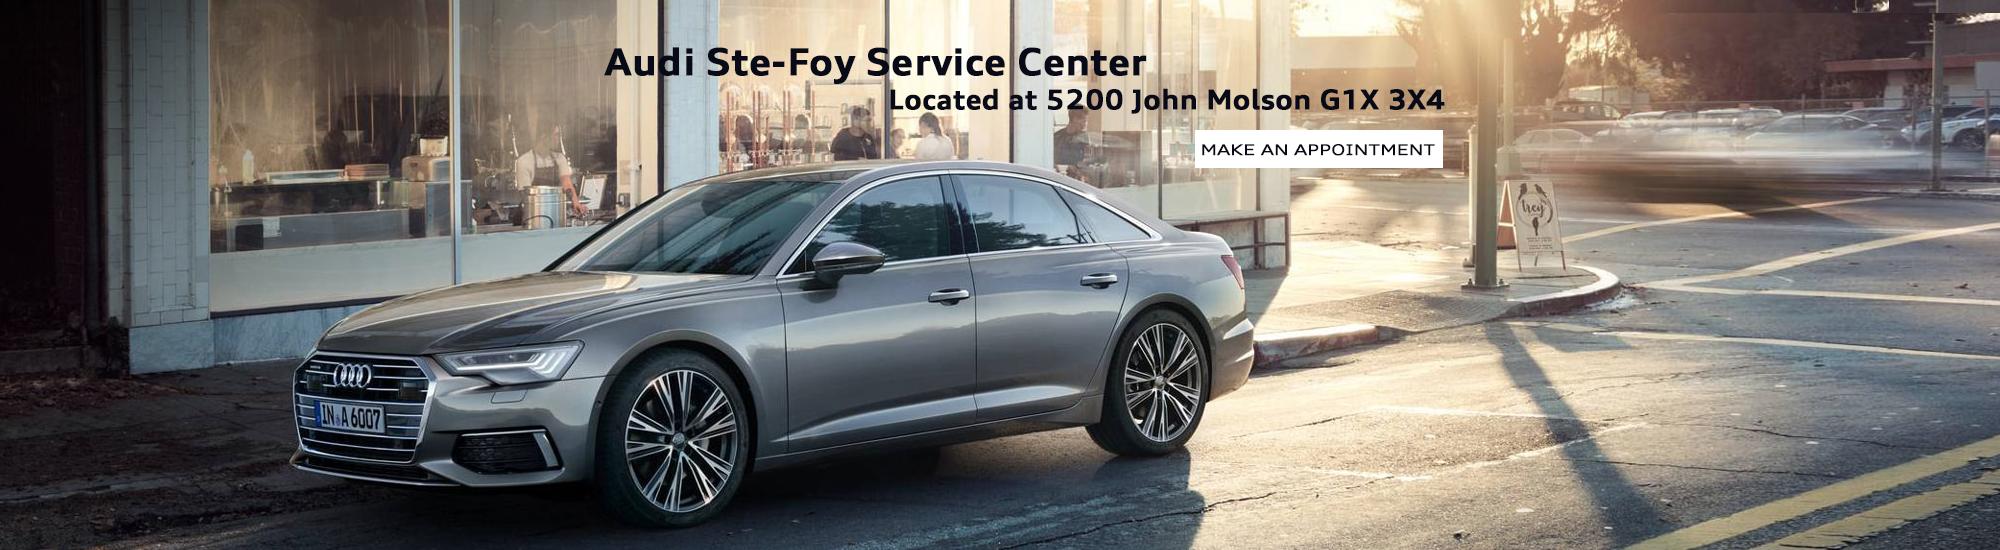 Audi Ste-Foy Service Center